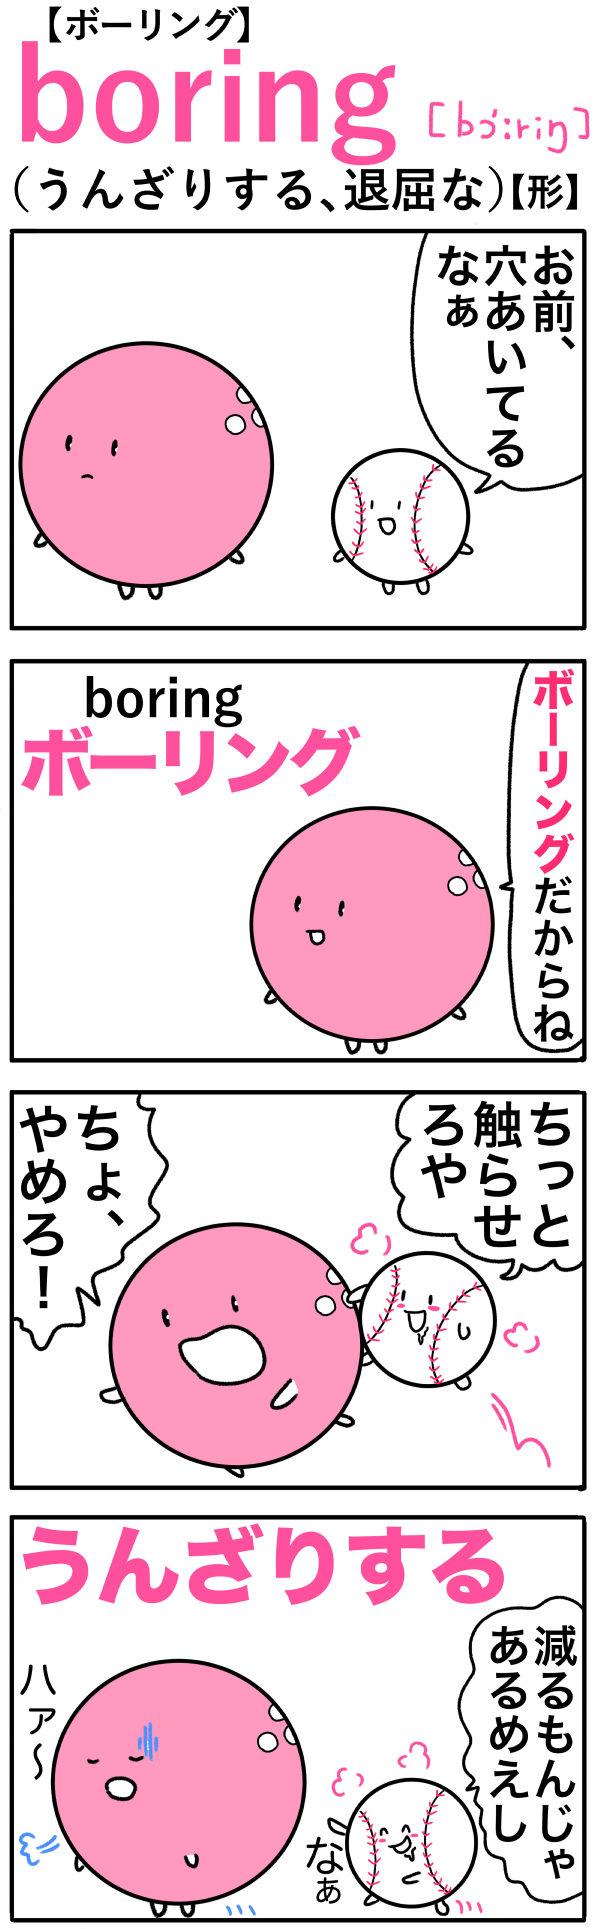 boring(うんざりする、退屈な)の語呂合わせ英単語